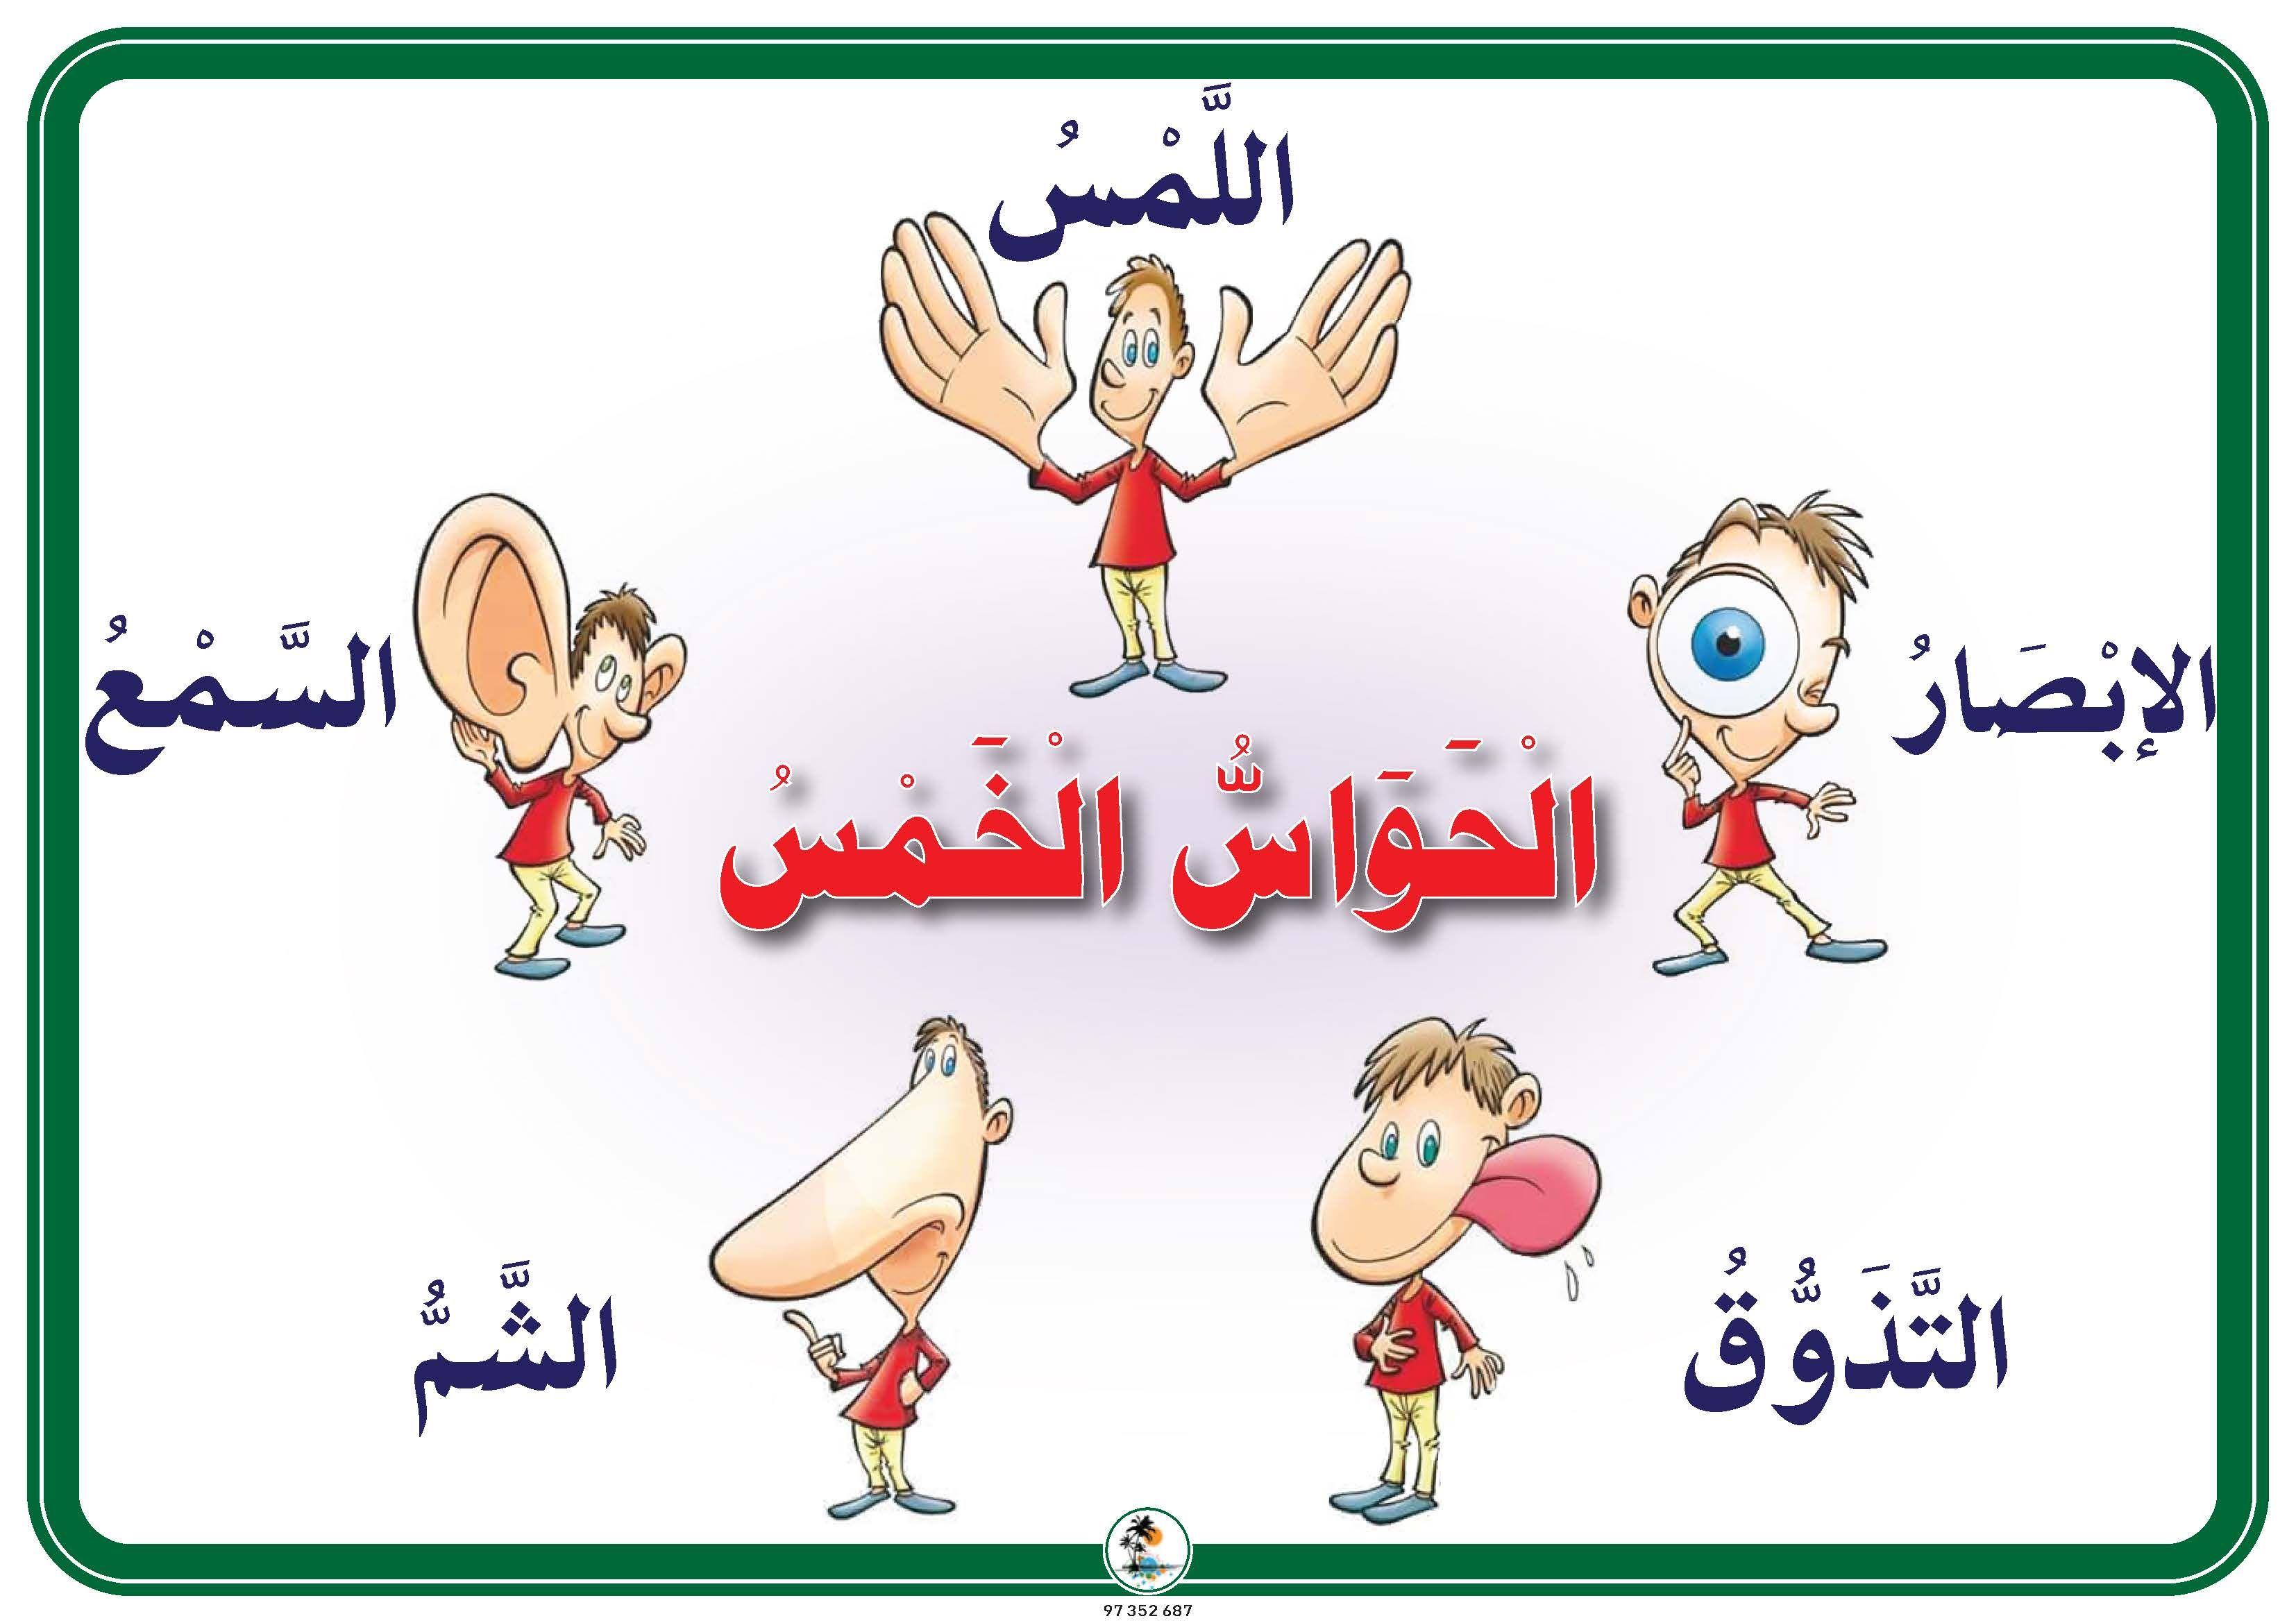 الحواس الخمس Arabic Kids Precious Children Learning